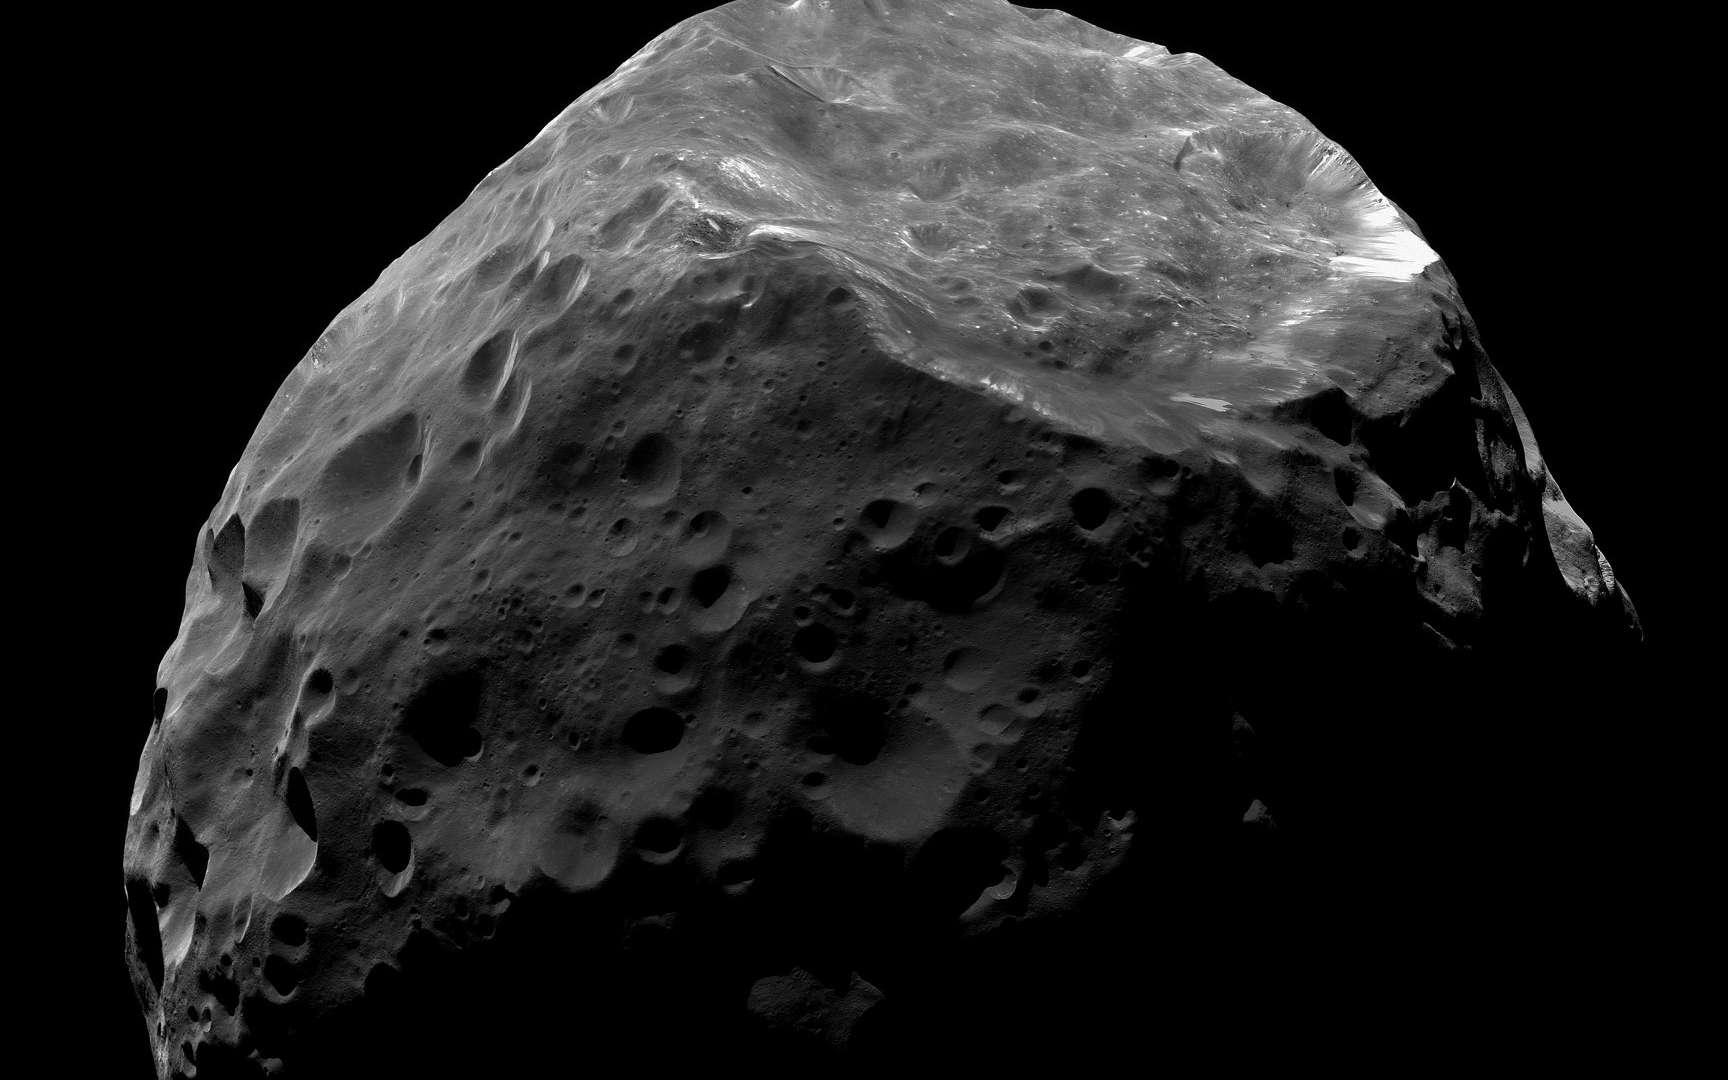 Aucune sonde n'a encore approché un Centaure. Toutefois, un satellite de Saturne, Phoebe (environ 200 km), ici photographié par la sonde Cassini, est considéré comme un objet de cette famille atypique qui aurait été capturé par la planète géante. © Nasa, JPL-Caltech, Space Science Institute